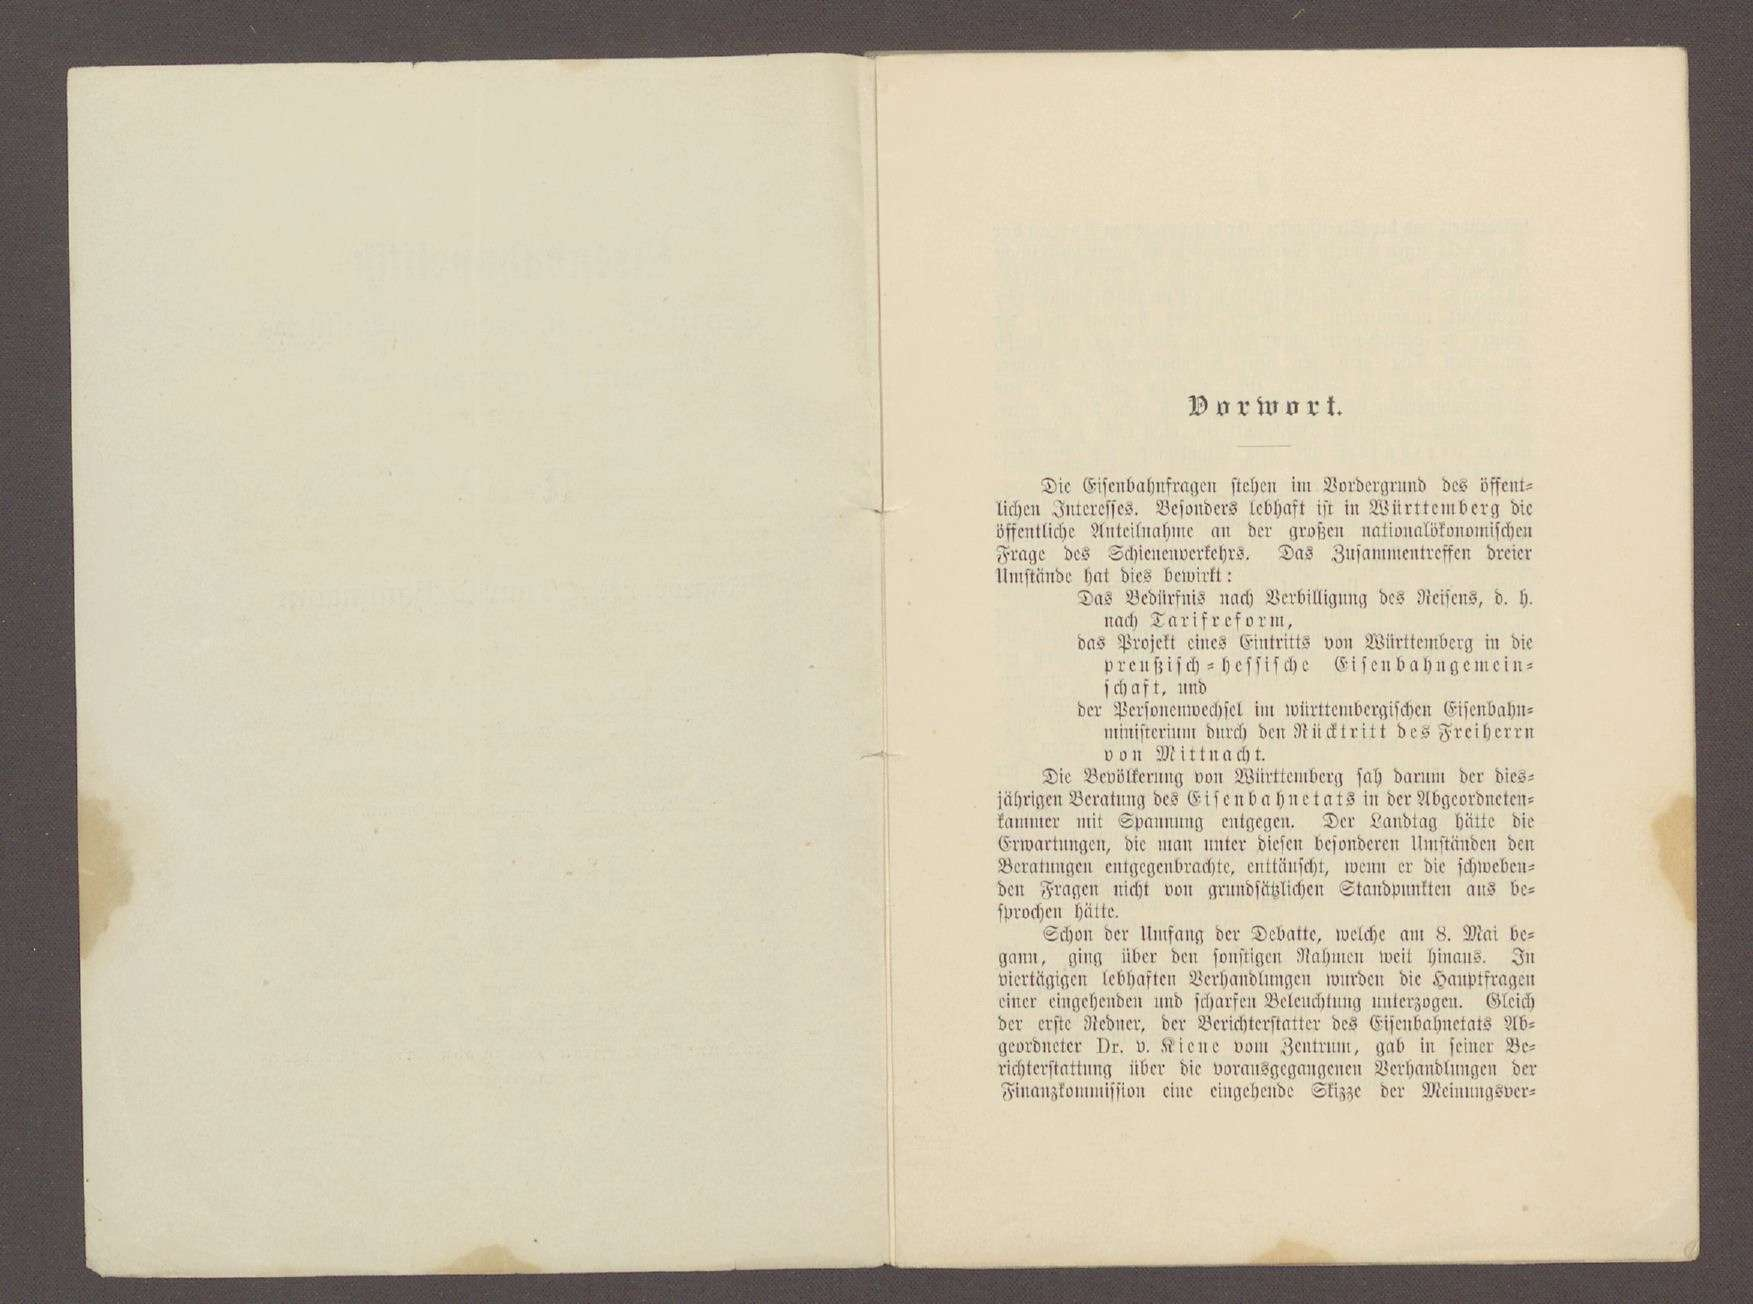 Druckschrift: Haußmann, Conrad: Eisenbahnpolitik - Tarifreform und preußisch-hessische Eisenbahngemeinschaft, Rede vor dem württembergischen Landtag vom 09.05.1901, Stuttgart, Bild 2